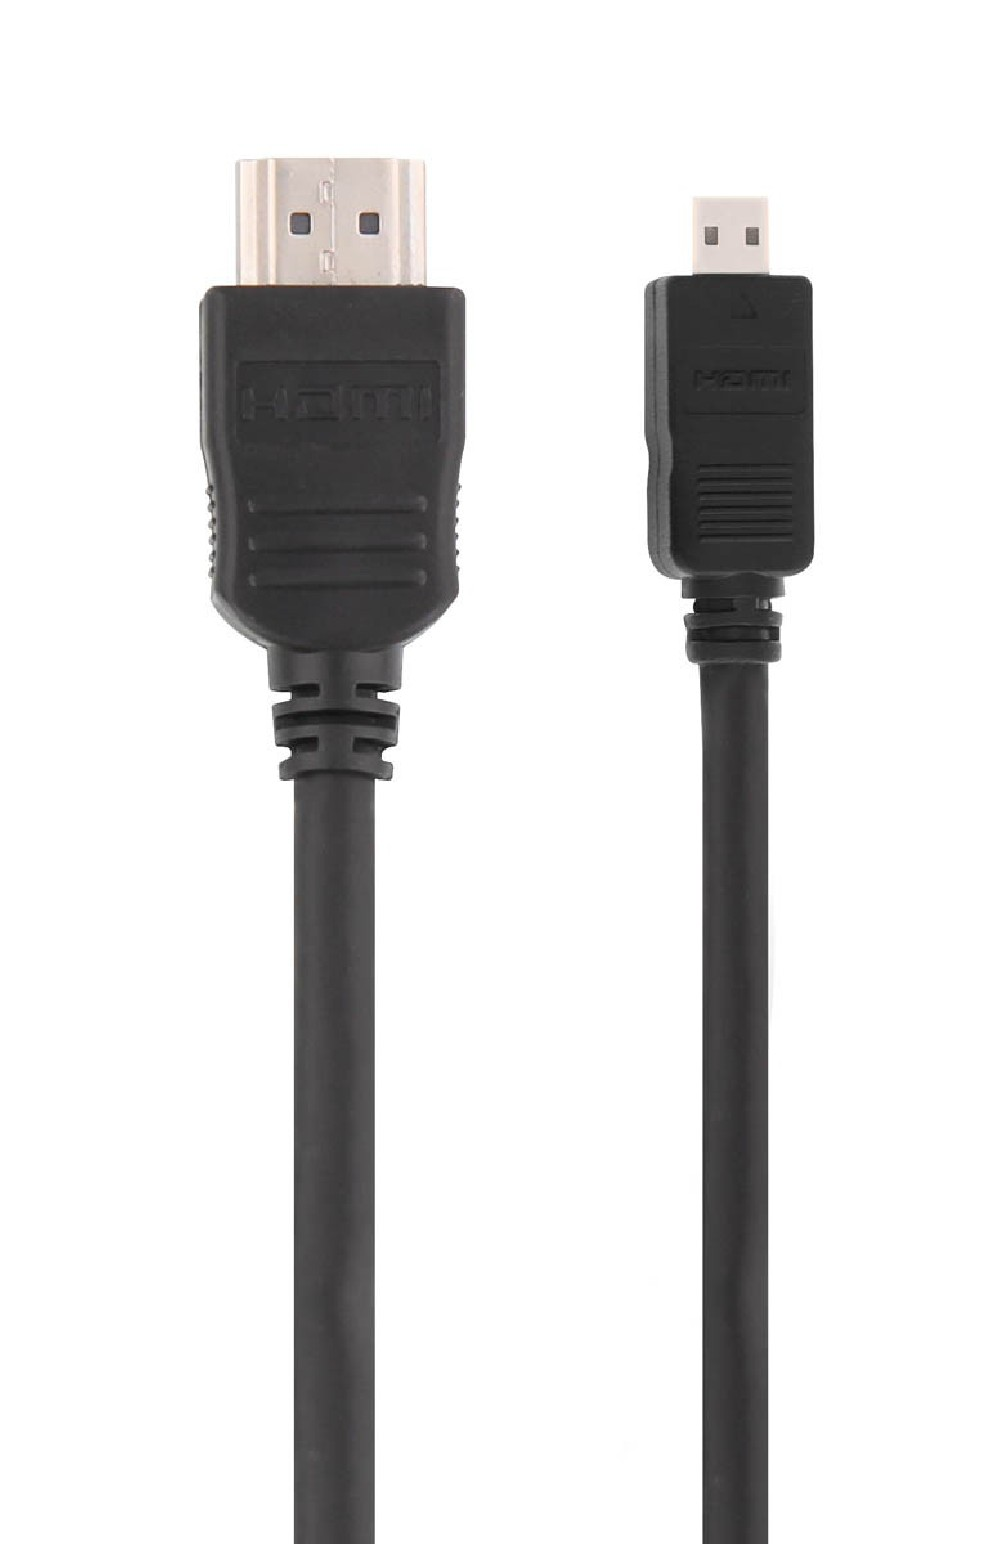 HDMI/MICRO HDMI CABLE 2M